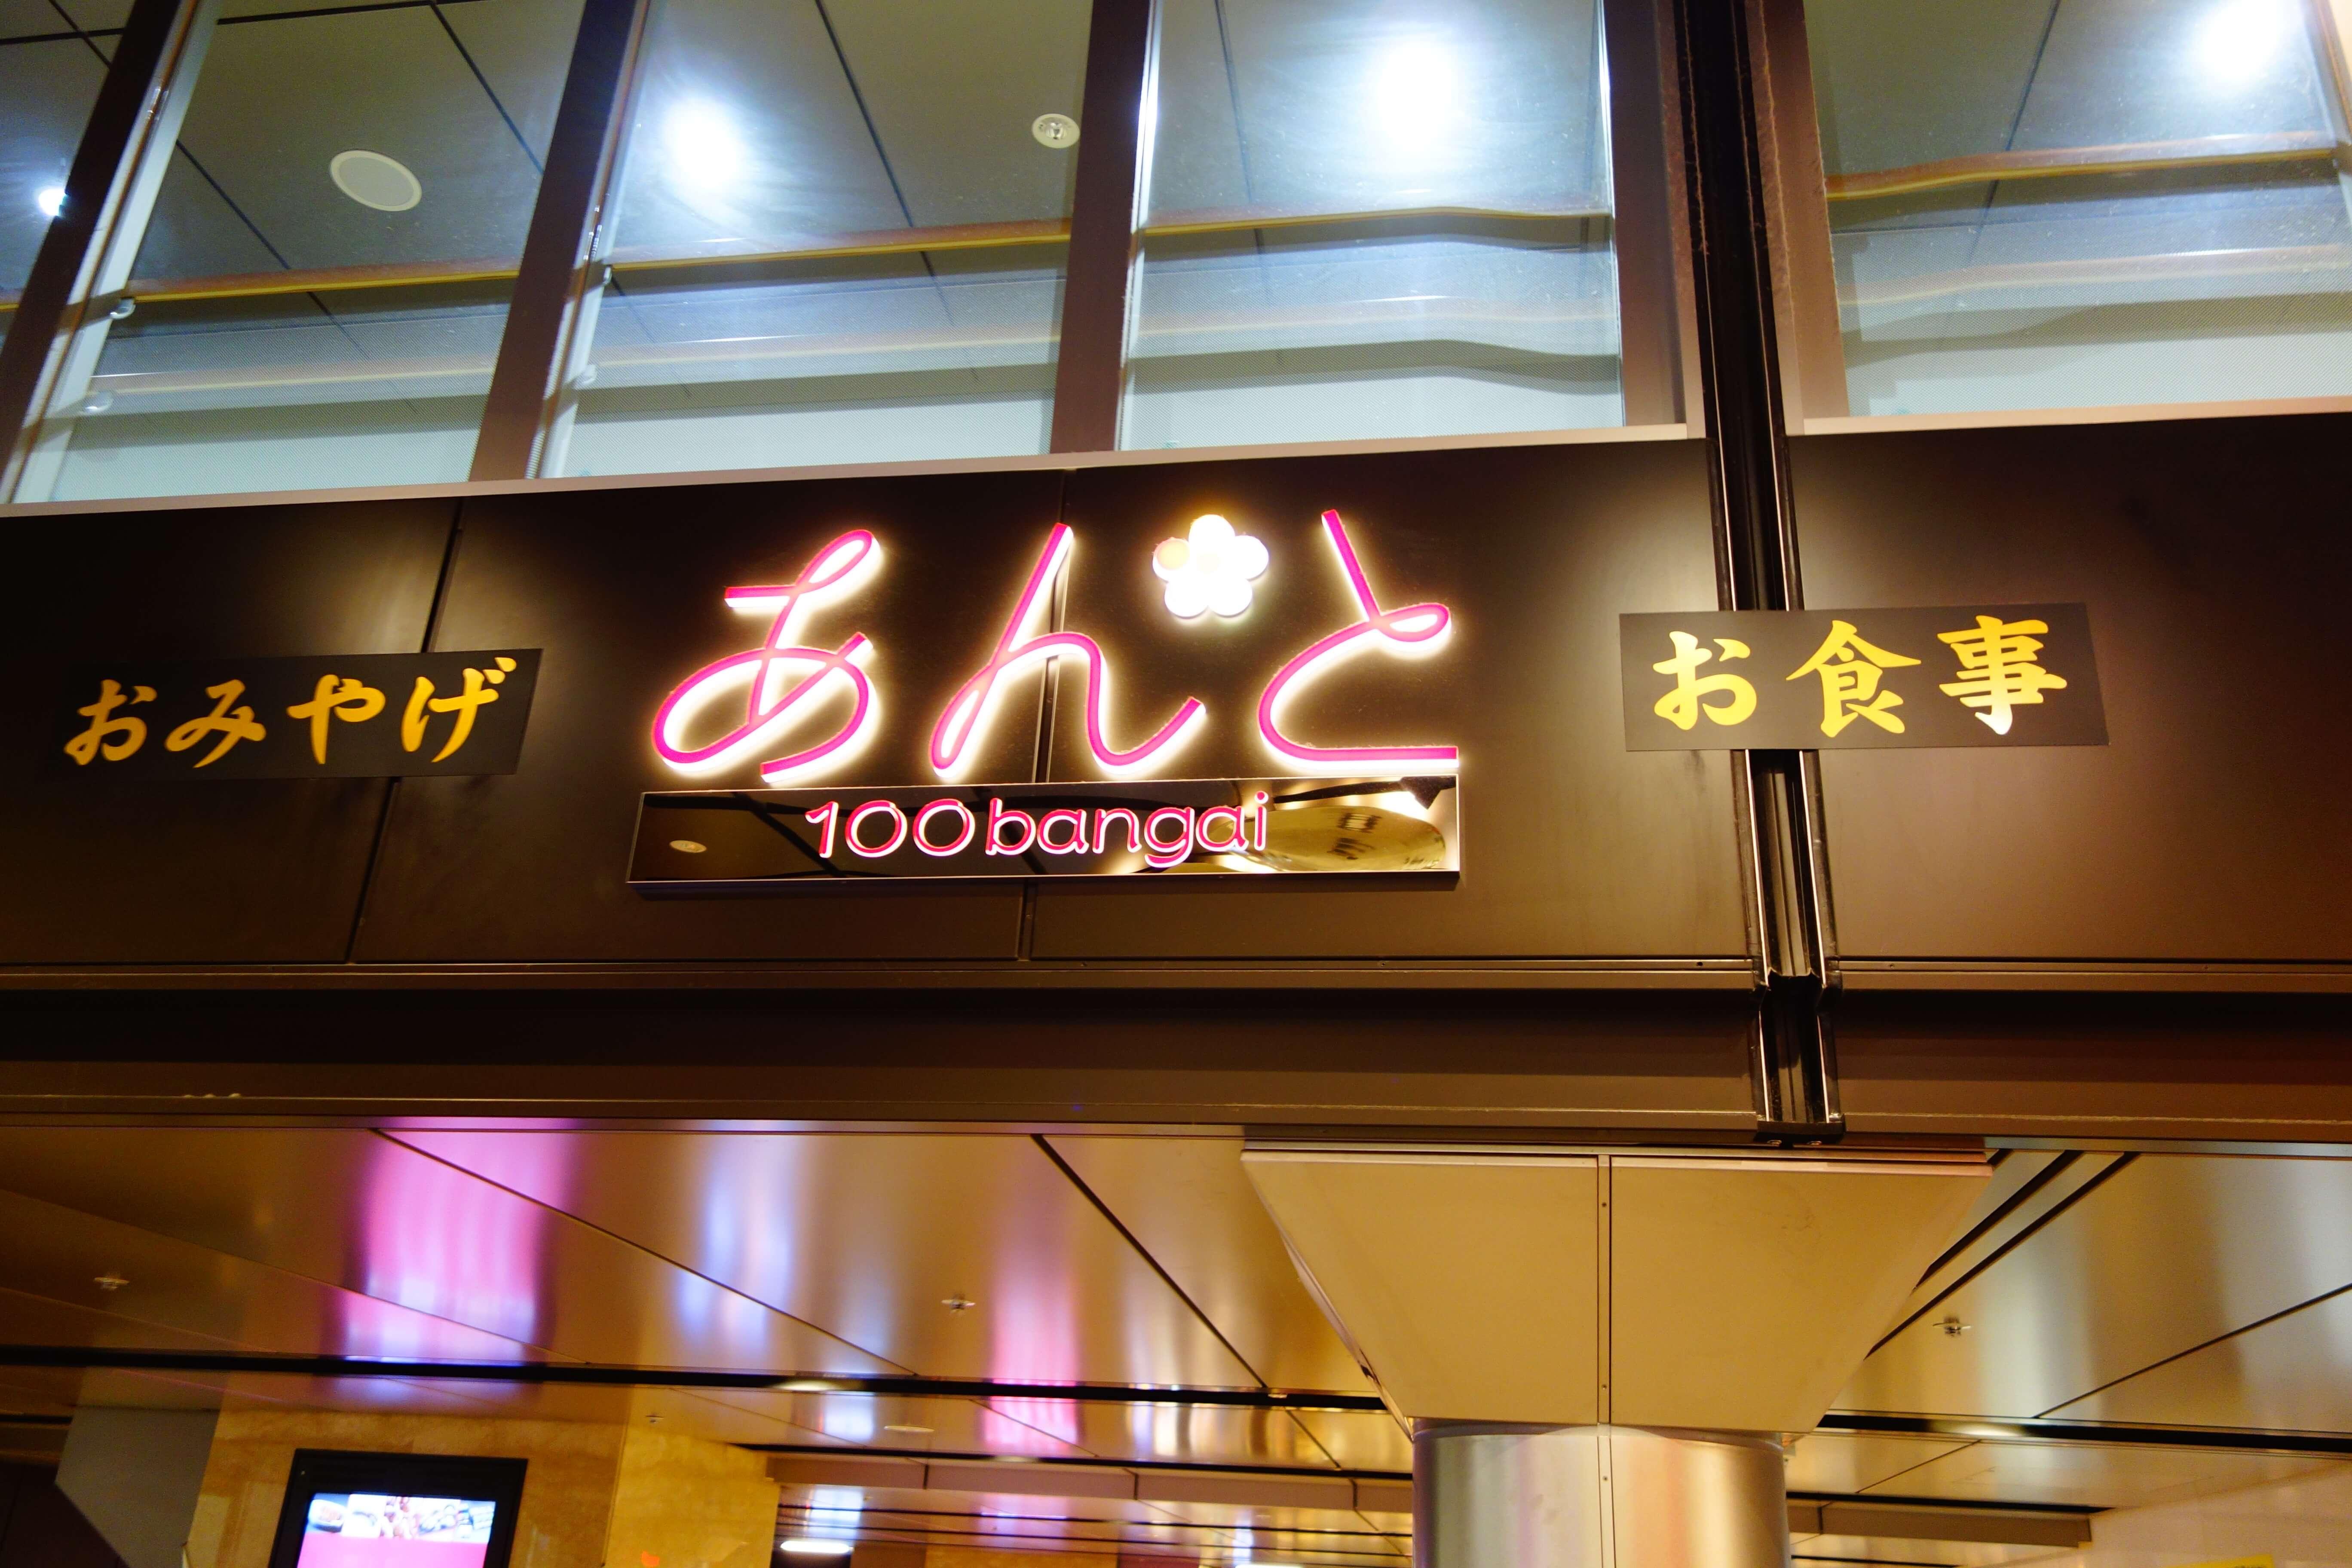 金沢百番街あんと|石川県のお土産を買うなら金沢駅ナカがおすすめ